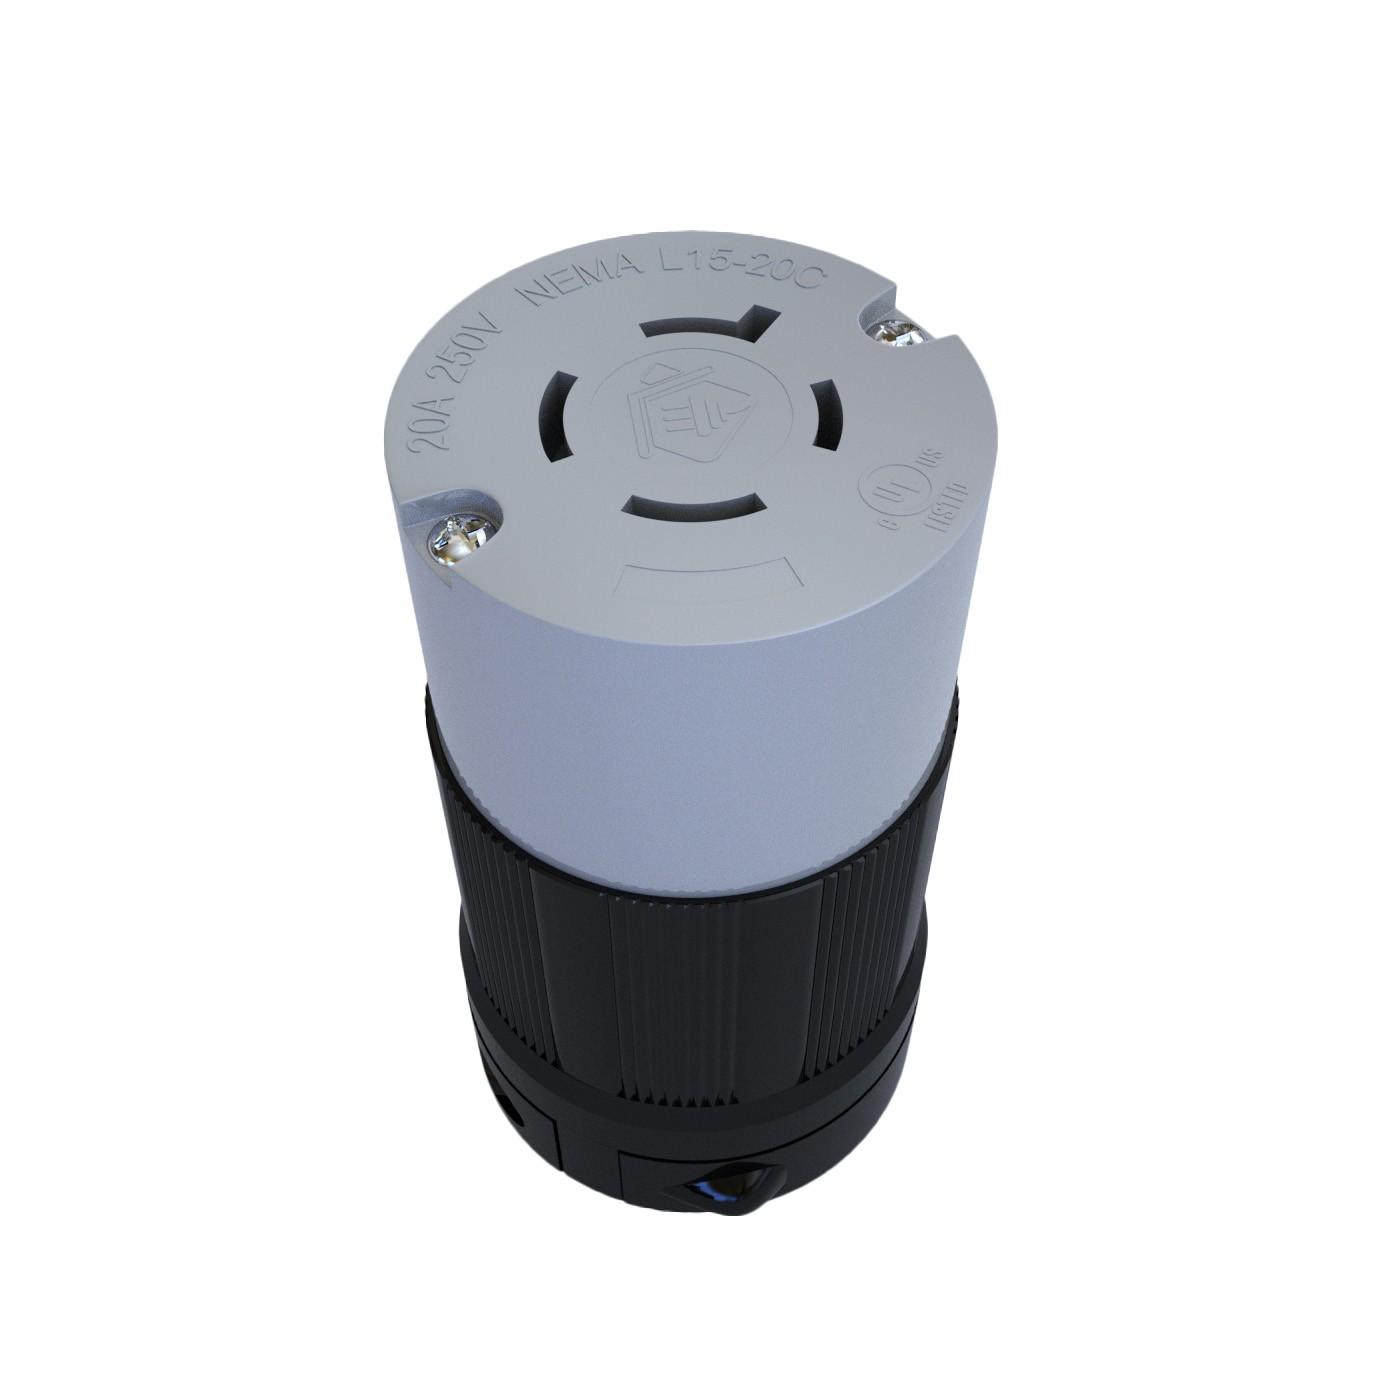 Conector Nema L15-20C - 20A - 250V 3P+T